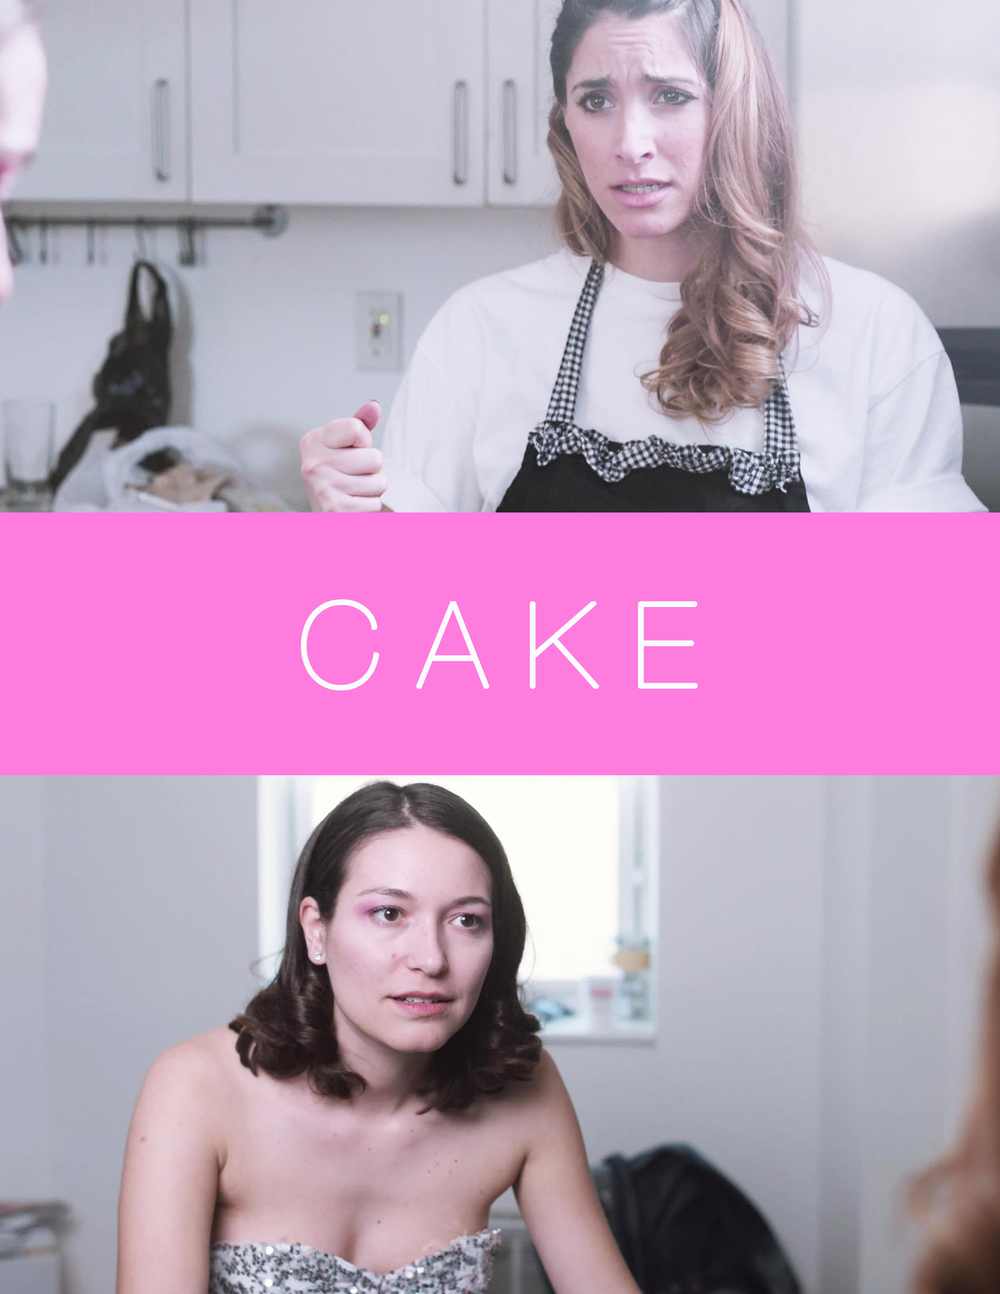 cake poster3.jpg